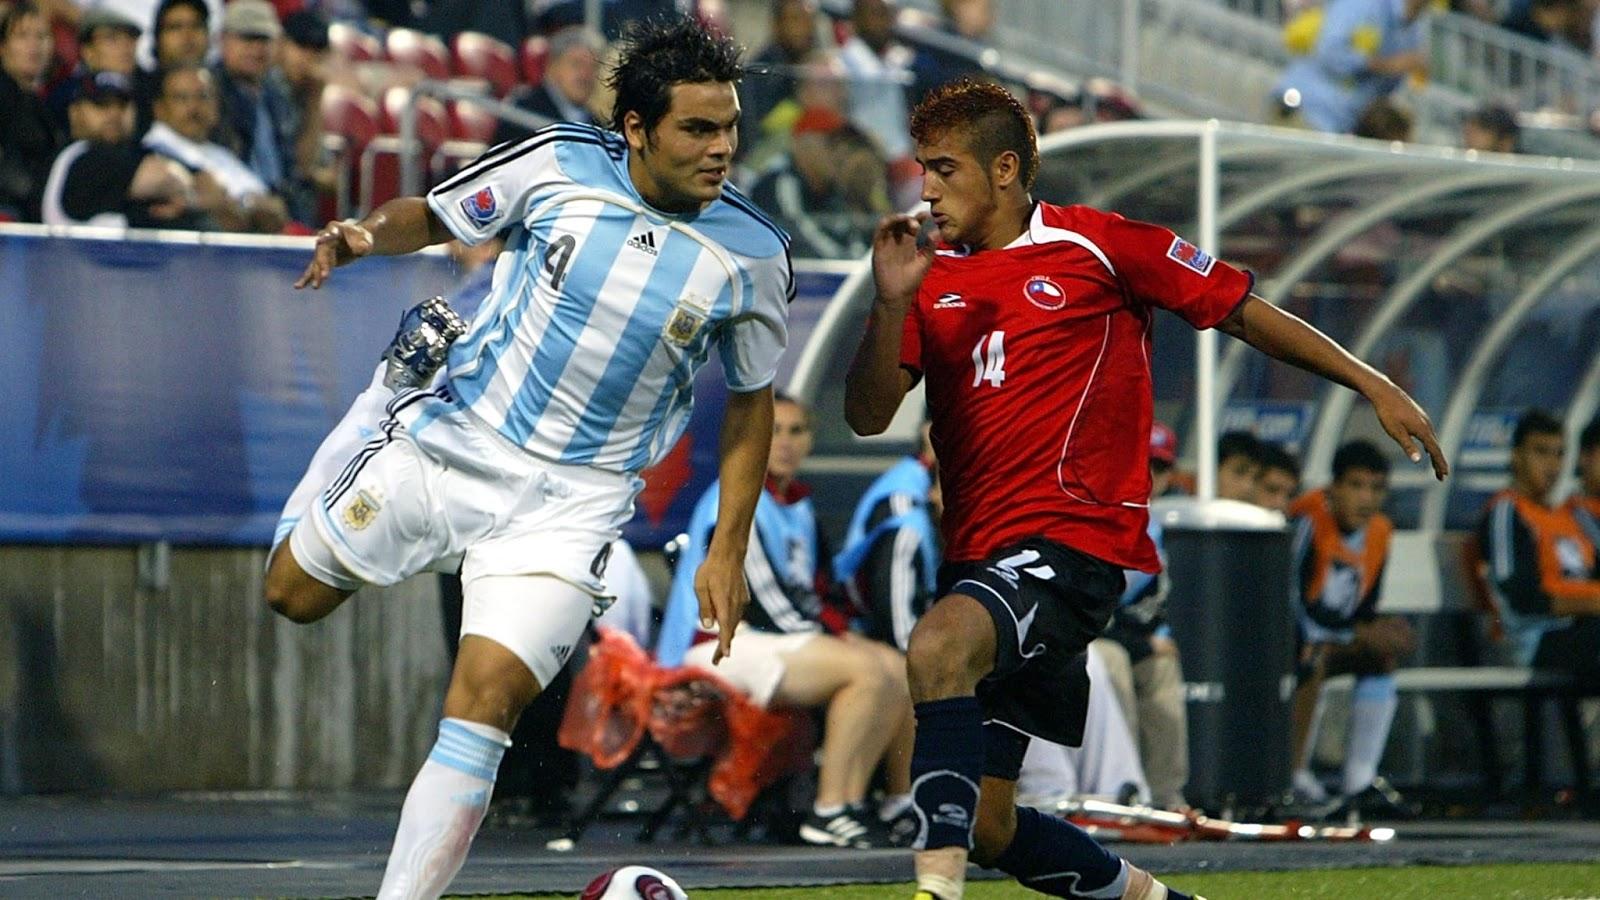 Chile y Argentina en Copa del Mundo Sub-20 Canadá 2007, 19 de julio